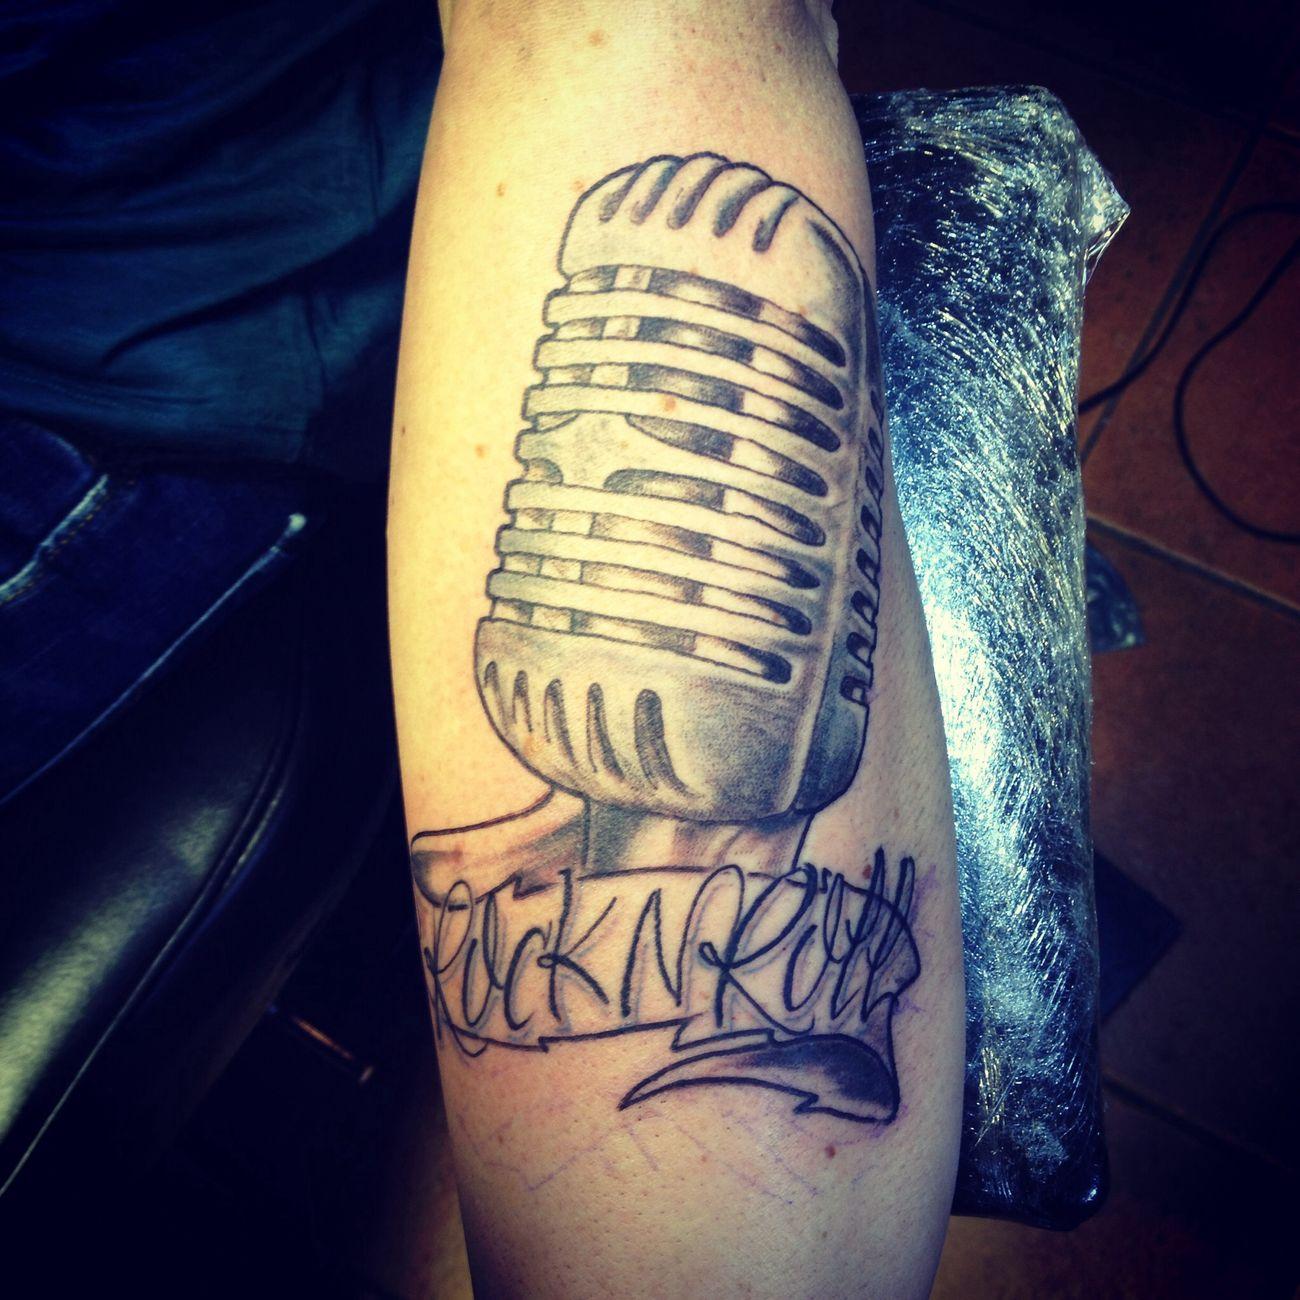 Rock'n'roll Tattoo